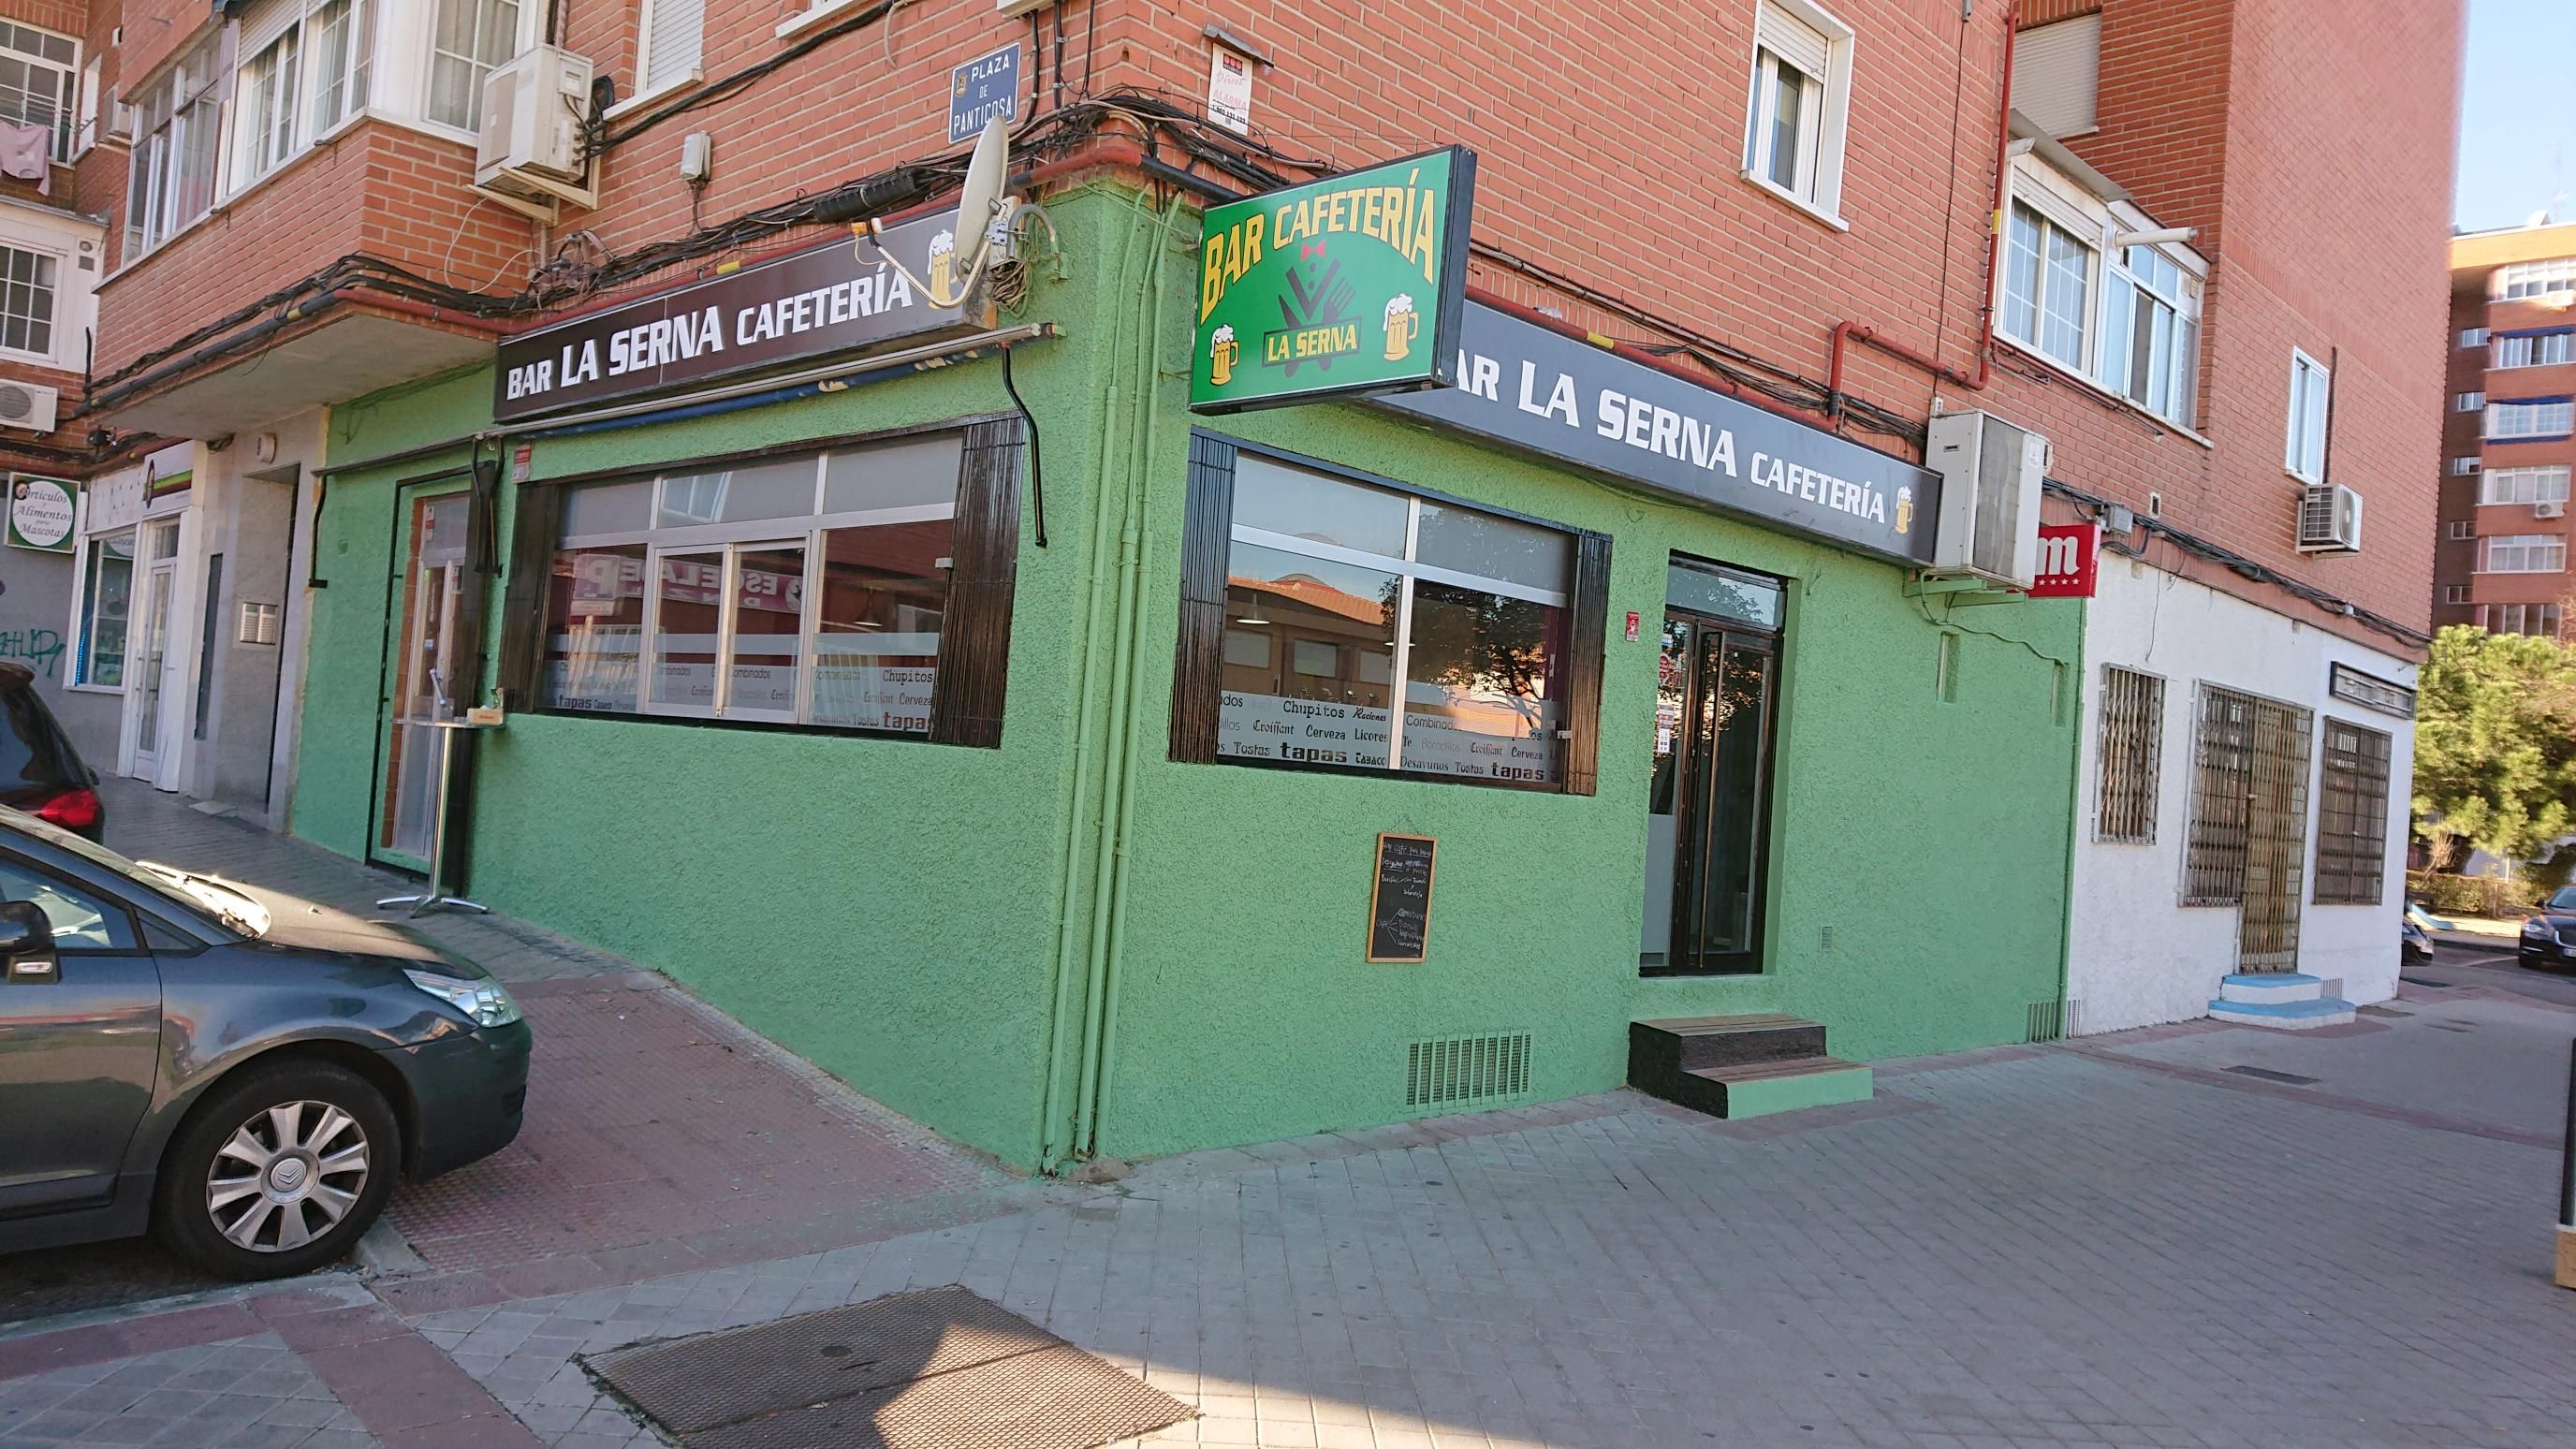 Cafetería en el barrio de La Serna en Fuenlabrada